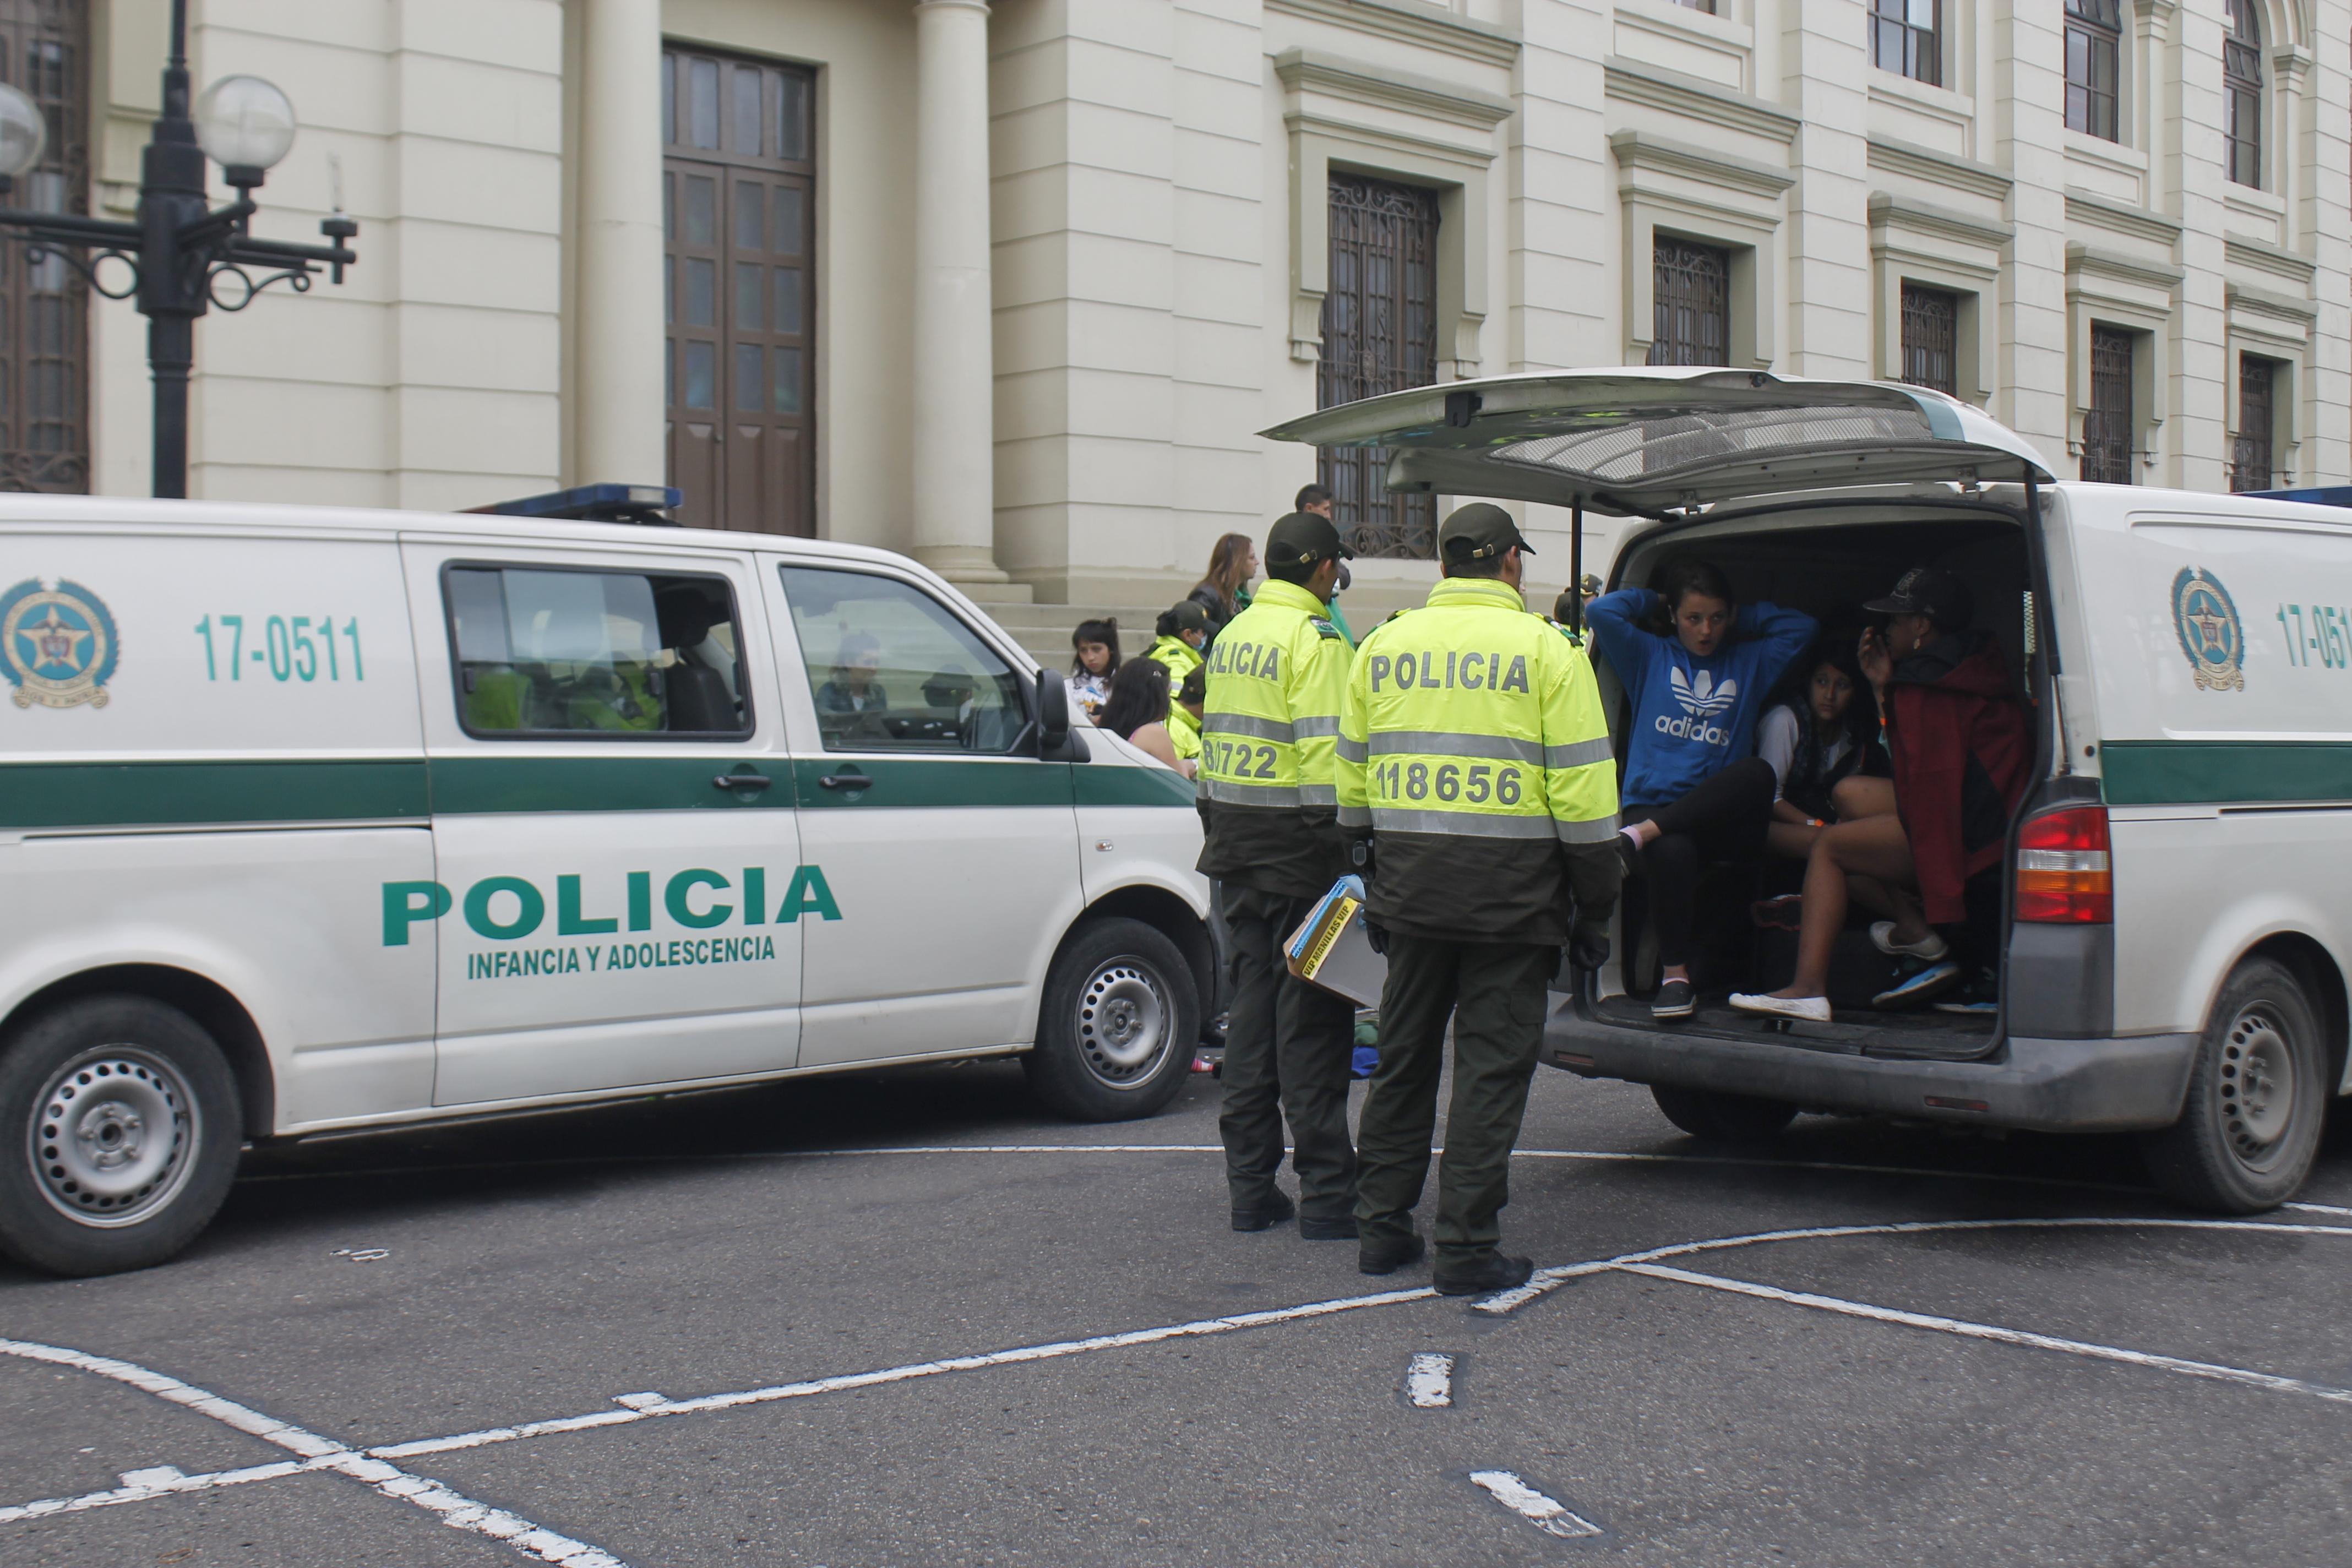 7 POLICIA EN EL BRONX INFANCIA